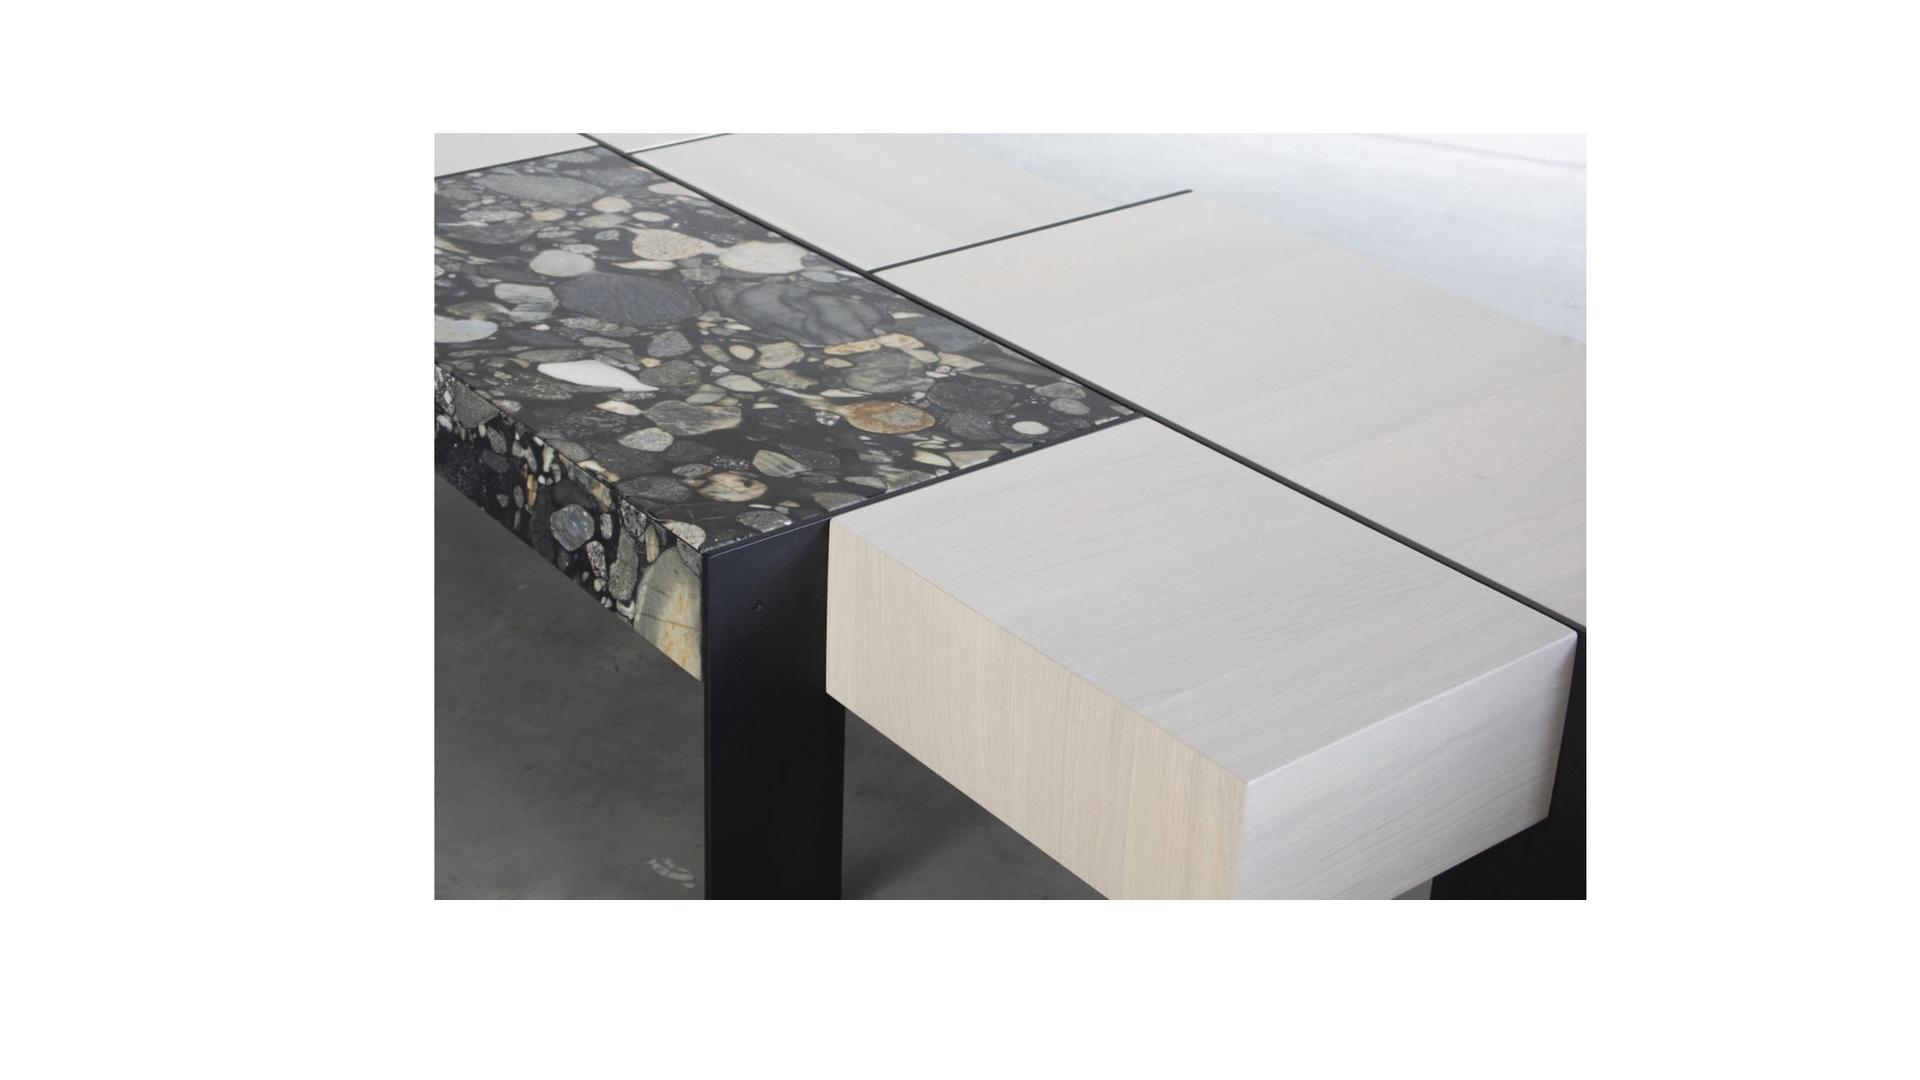 Kitale coffee table 5 groot.jpg